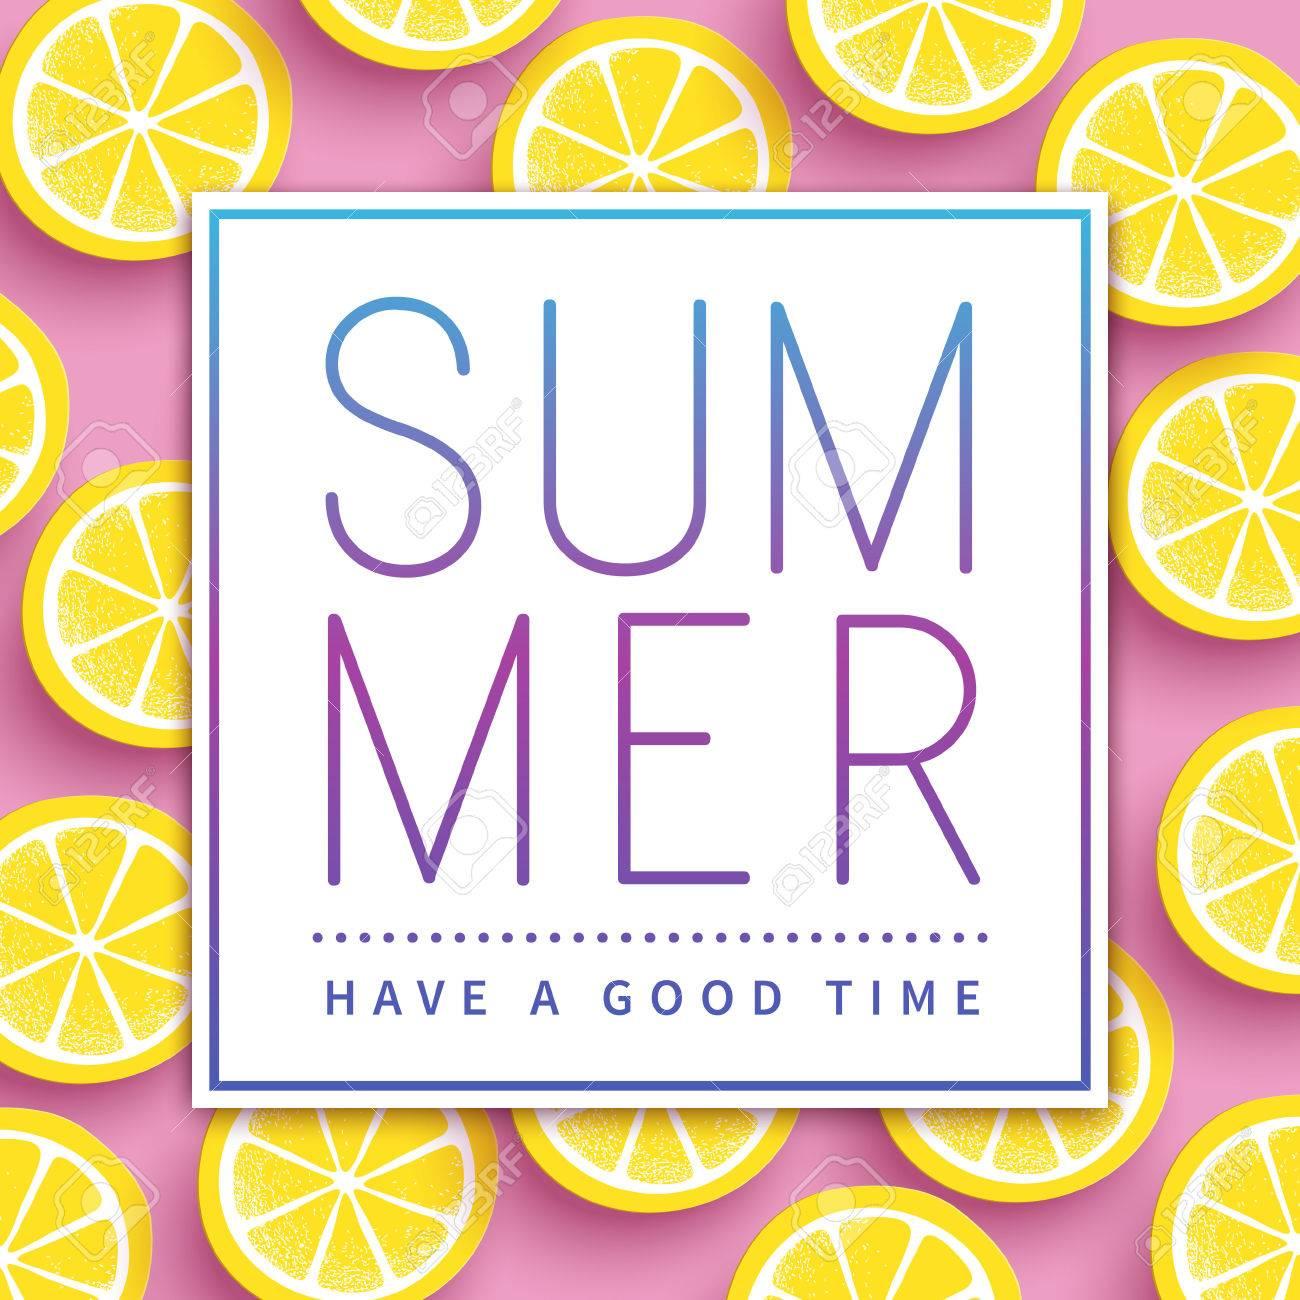 Trendy summer poster design - sliced citrus over pink background - 60841341